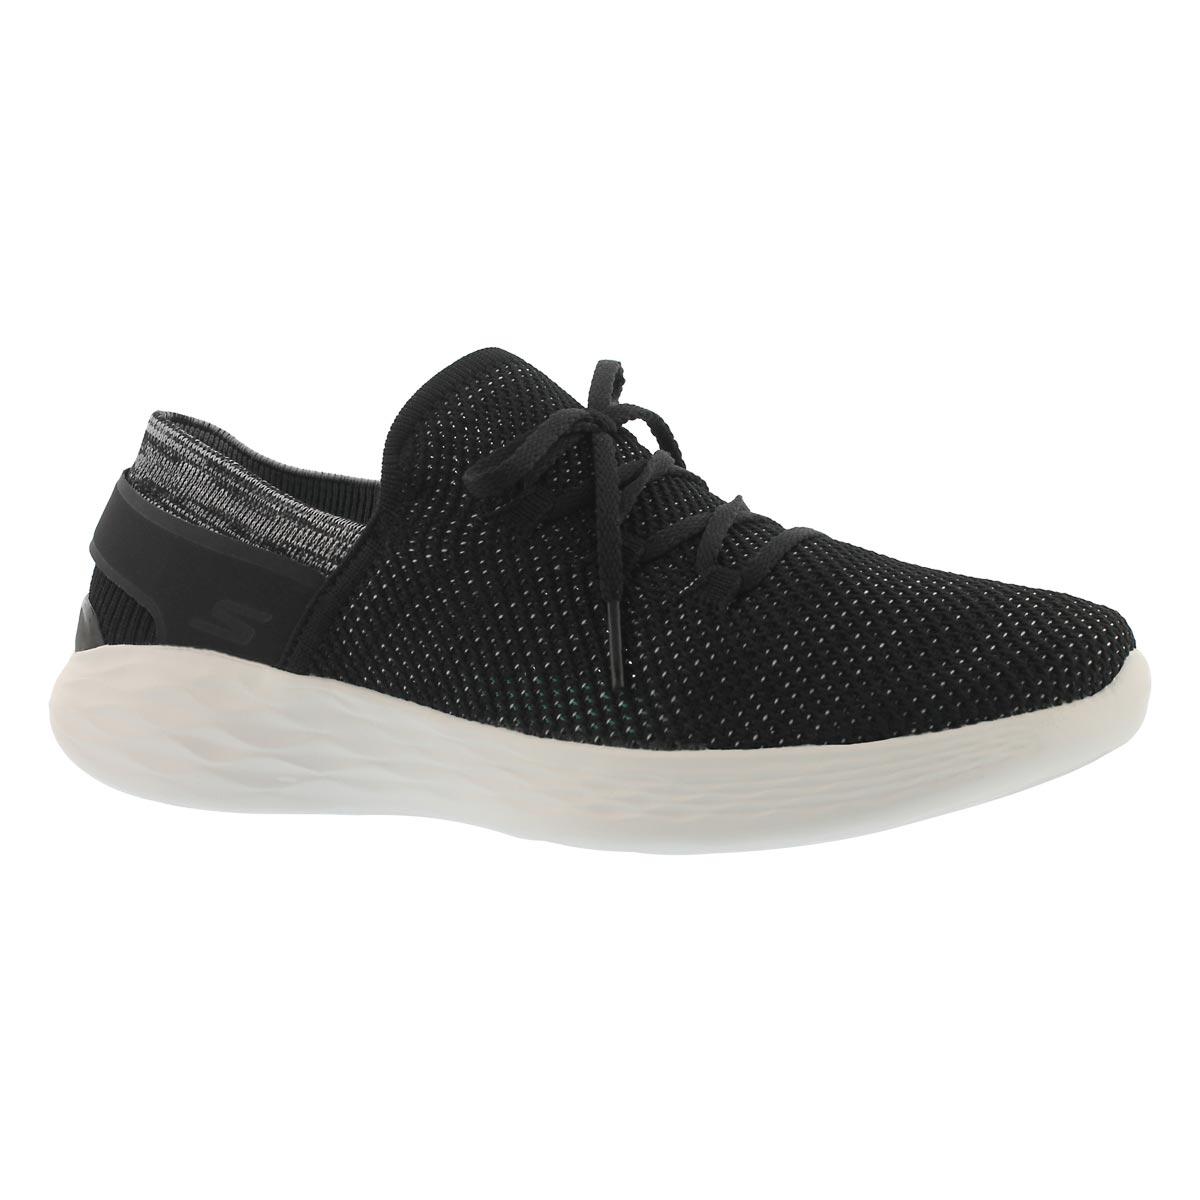 Women's YOU SPIRIT black/white slip on sneakers